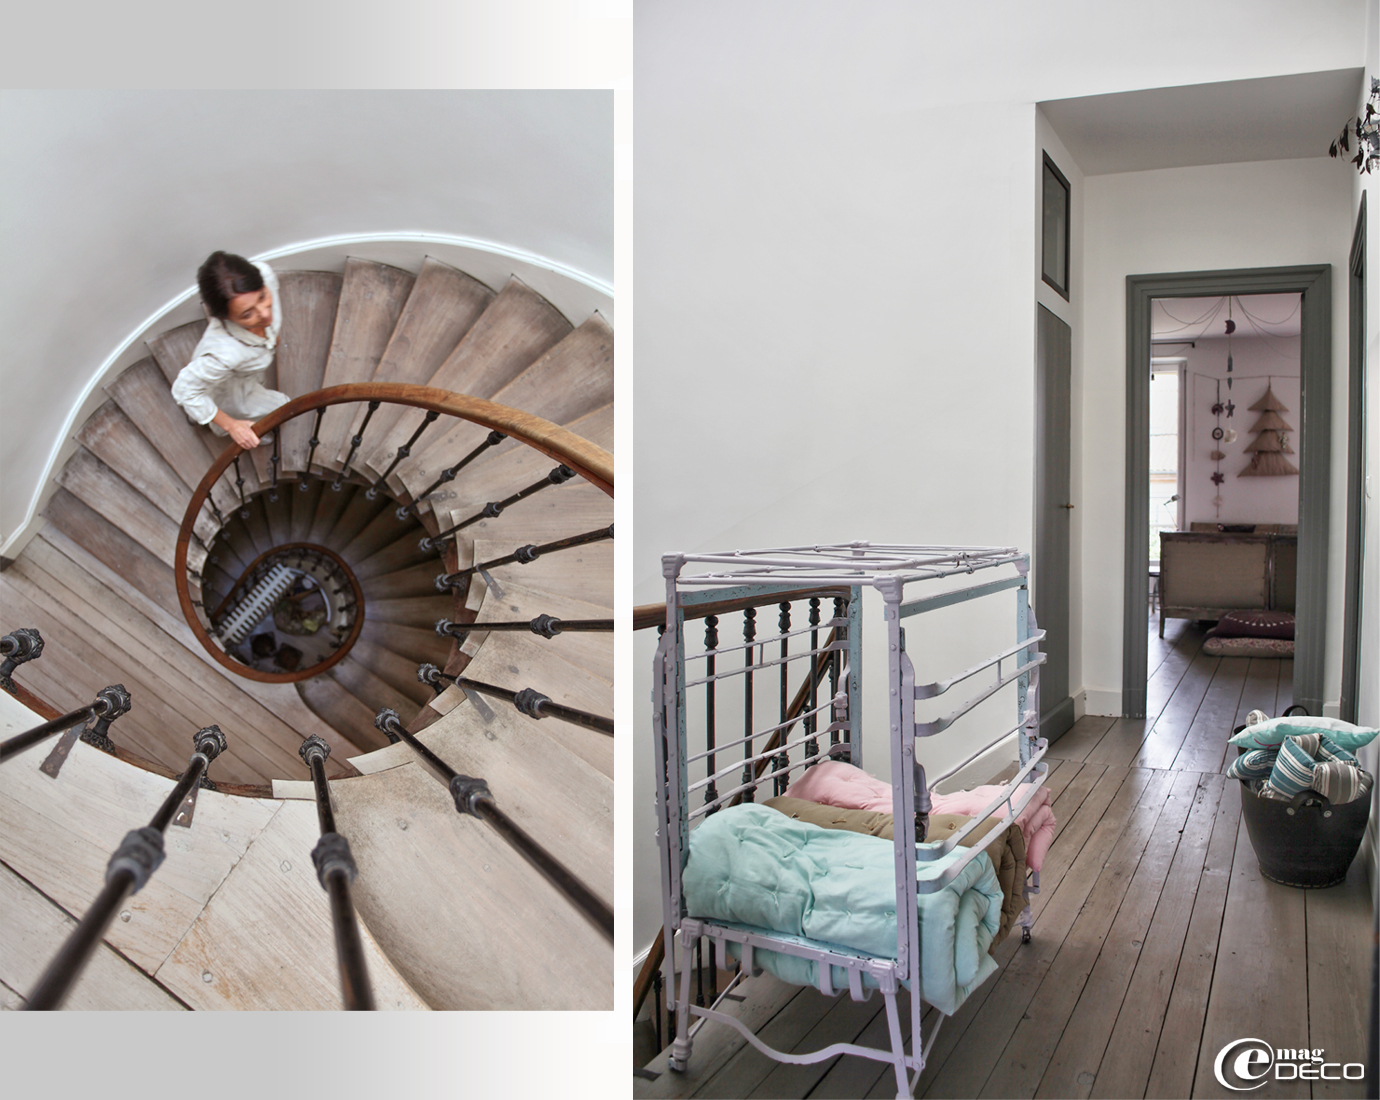 Escalier Dans Maison Ancienne la maison en ville de béatrice ~ e-magdeco : magazine de